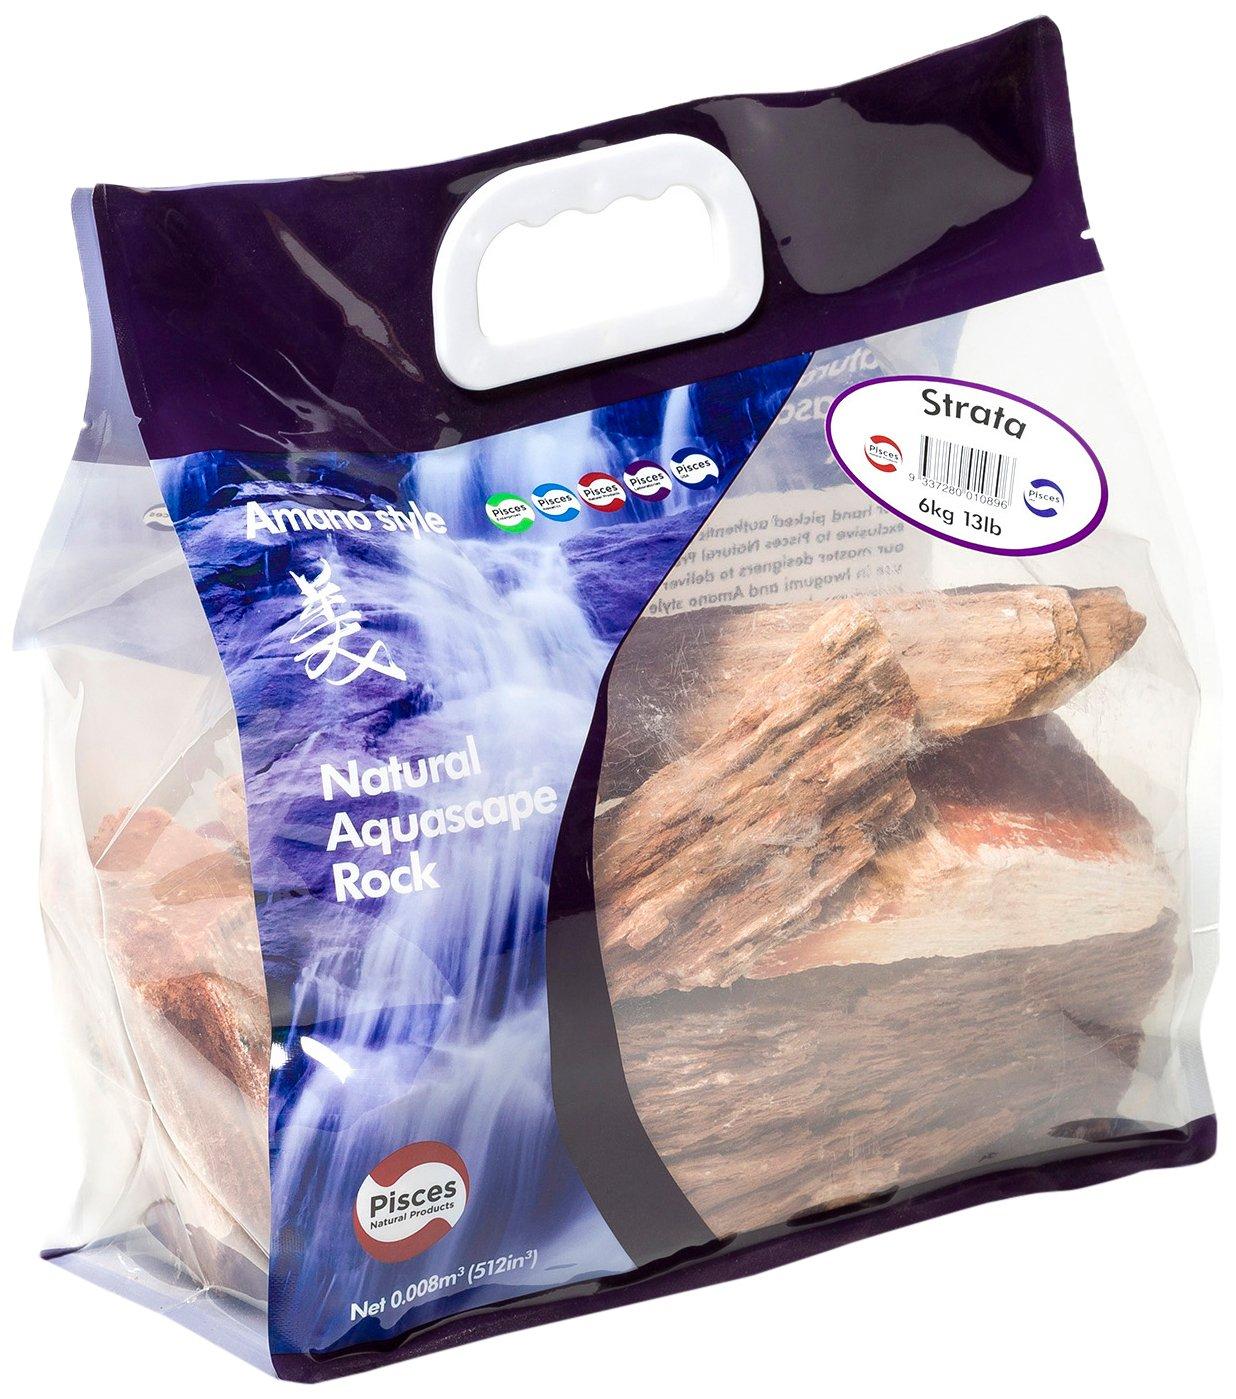 Pisces 13 lb Strata Rock, Varies by Pisces